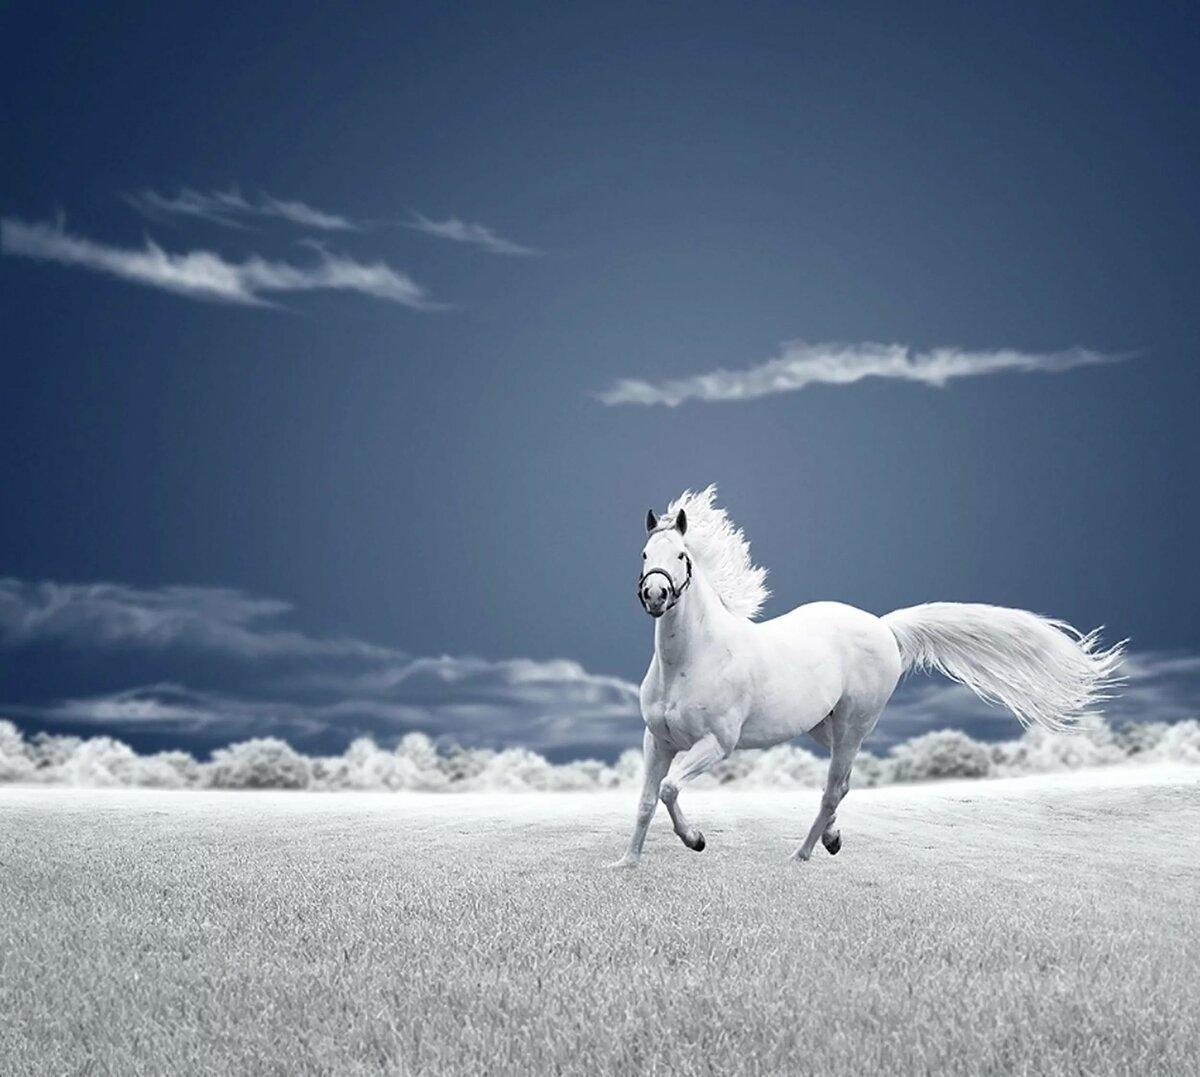 здесь картинки с лошадьми голубой трубу крыше